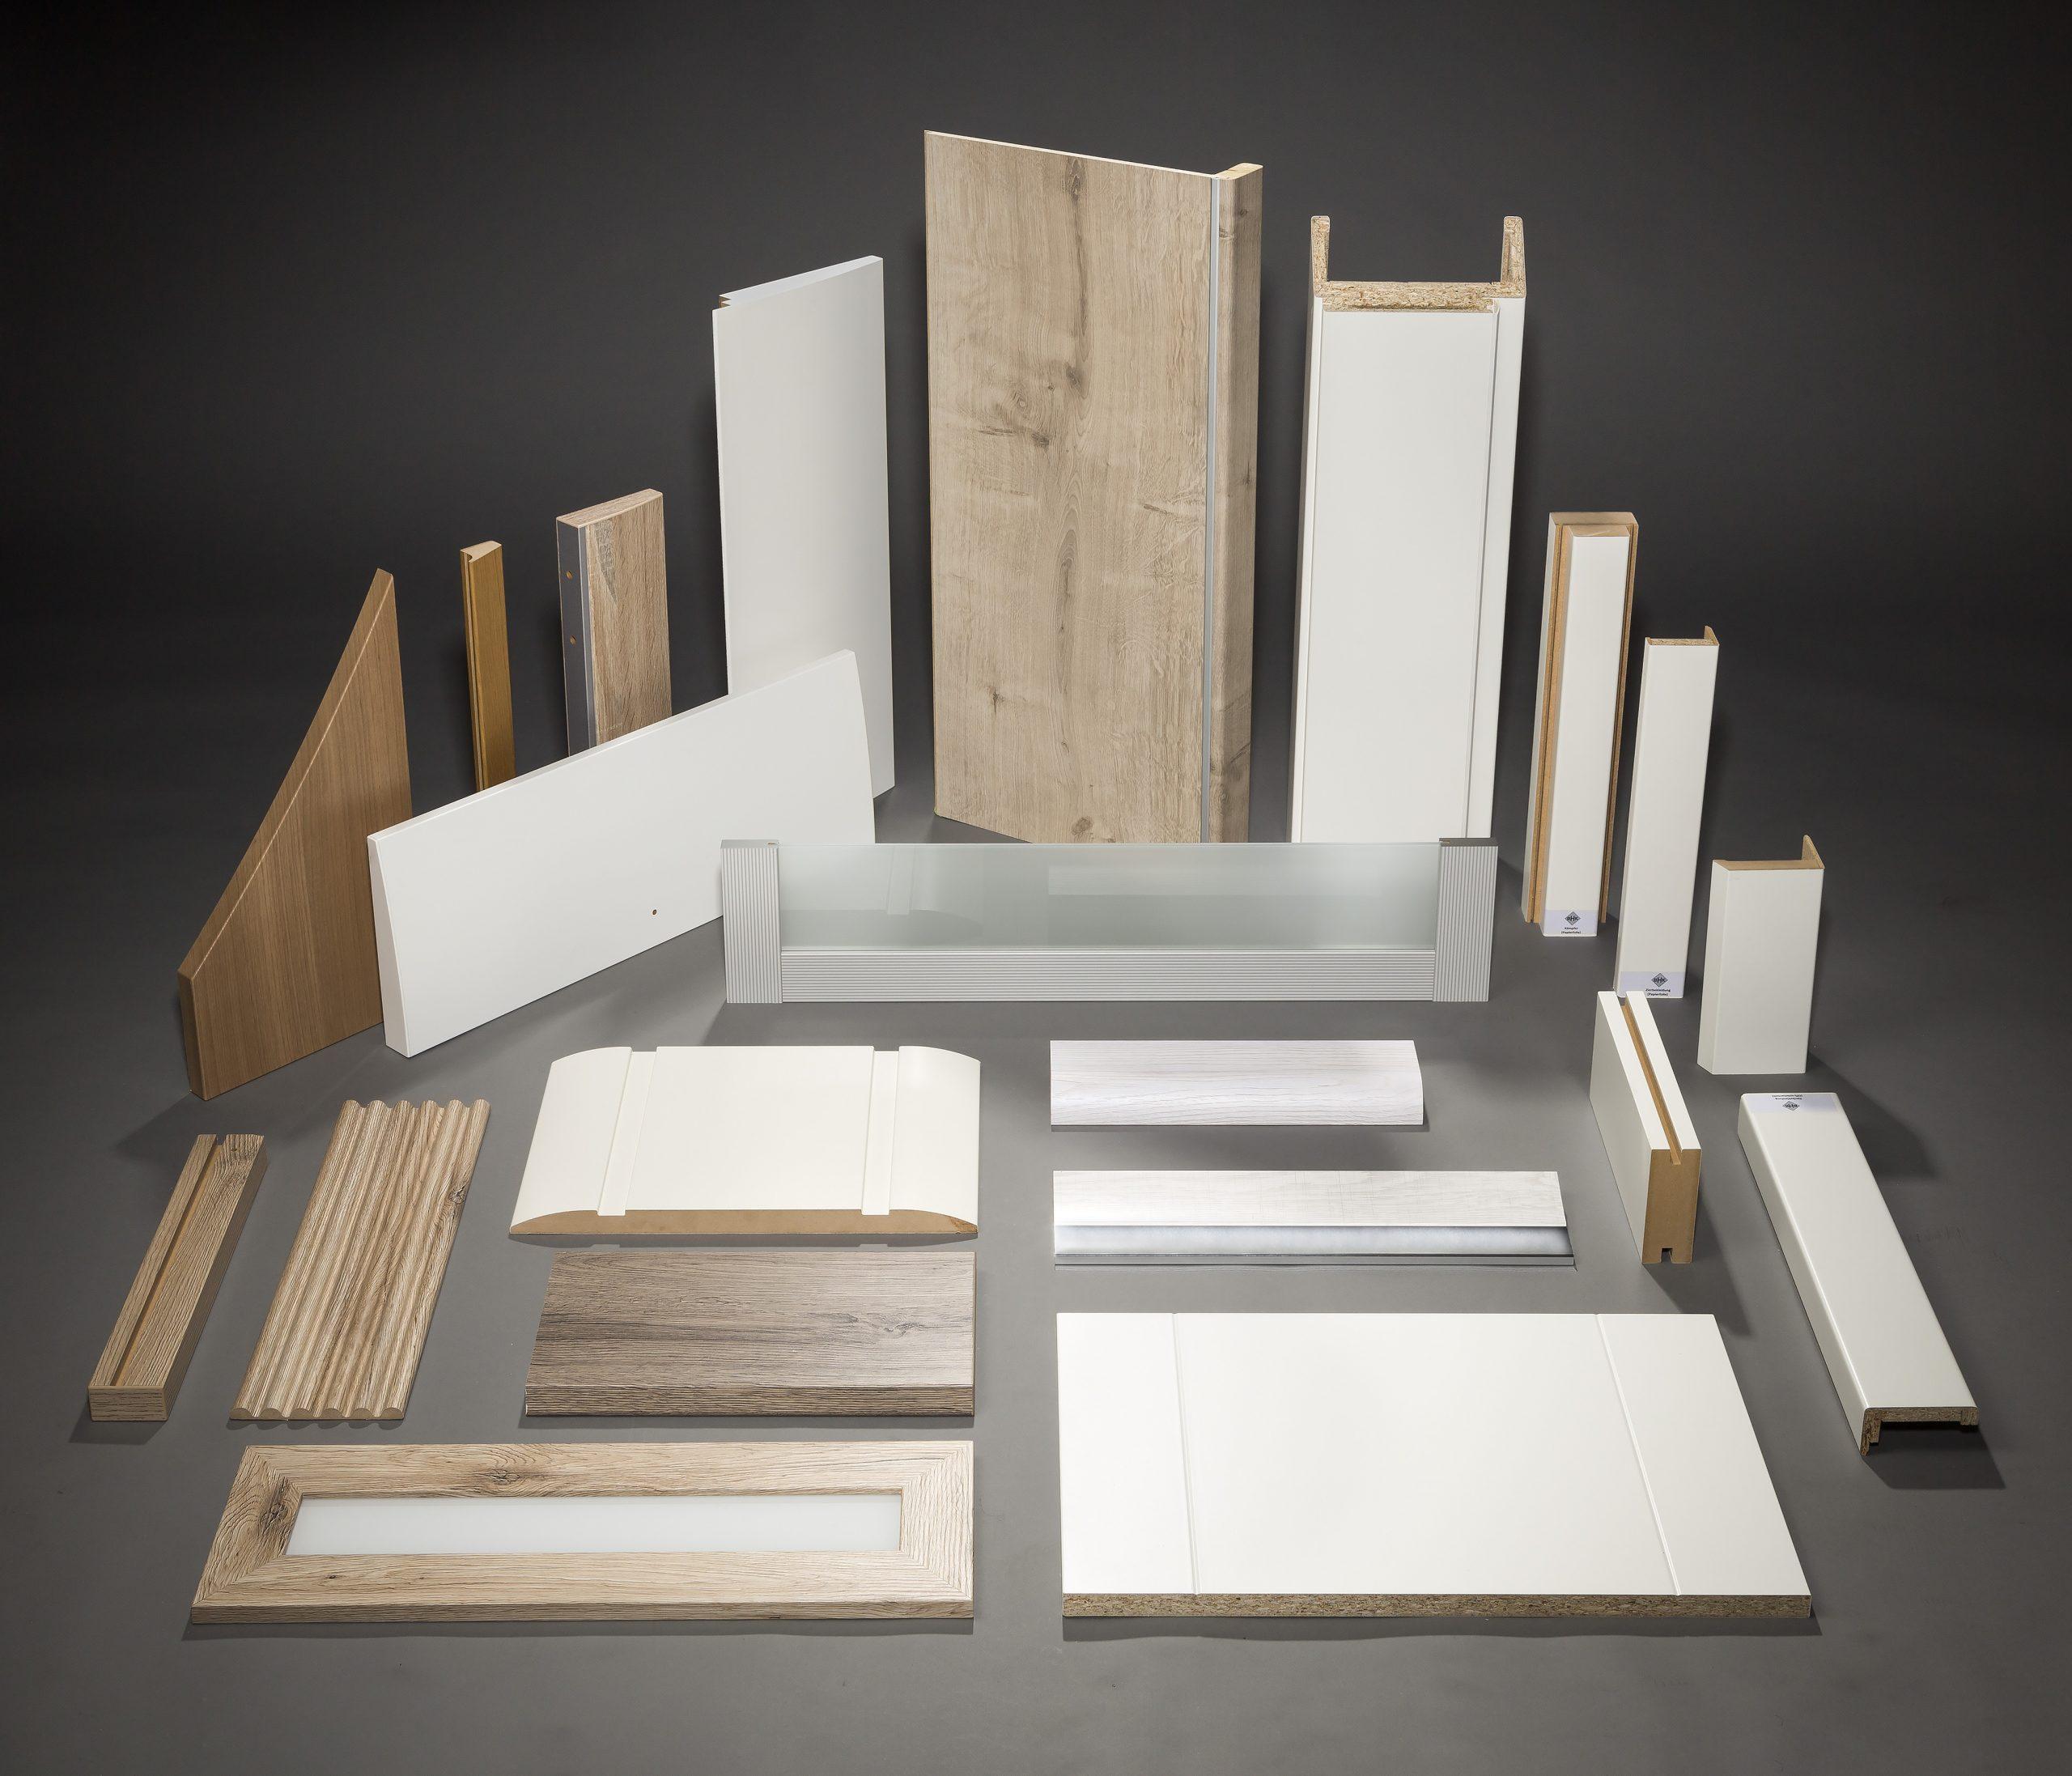 Produkte und Profile für Innenausbau, Möbelkomponenten und Türenindustrie